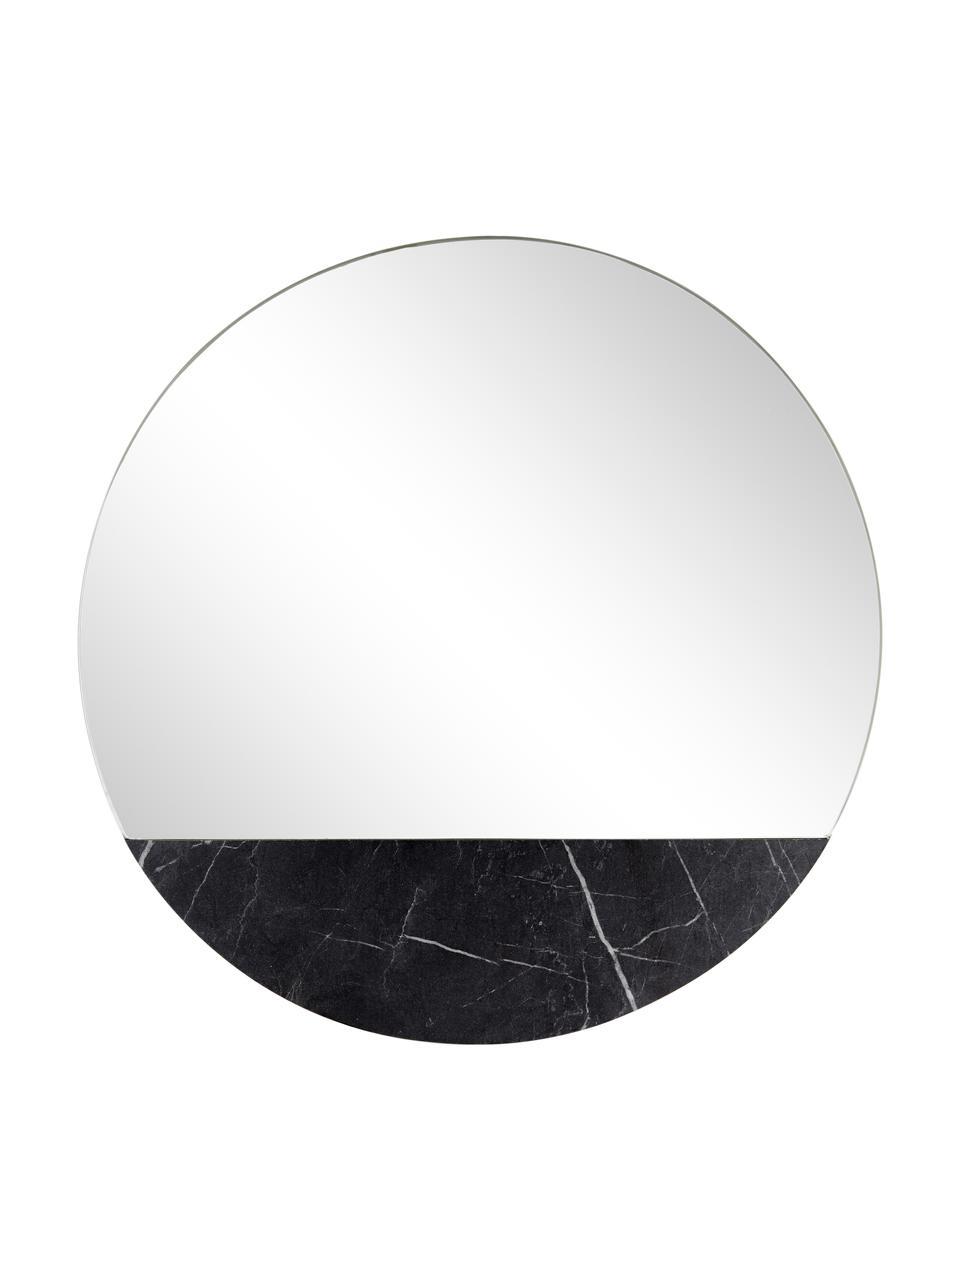 Okrągłe lustro ścienne z imitacji marmuru Stockholm, Czarny wzór marmurowy, Ø 60 cm